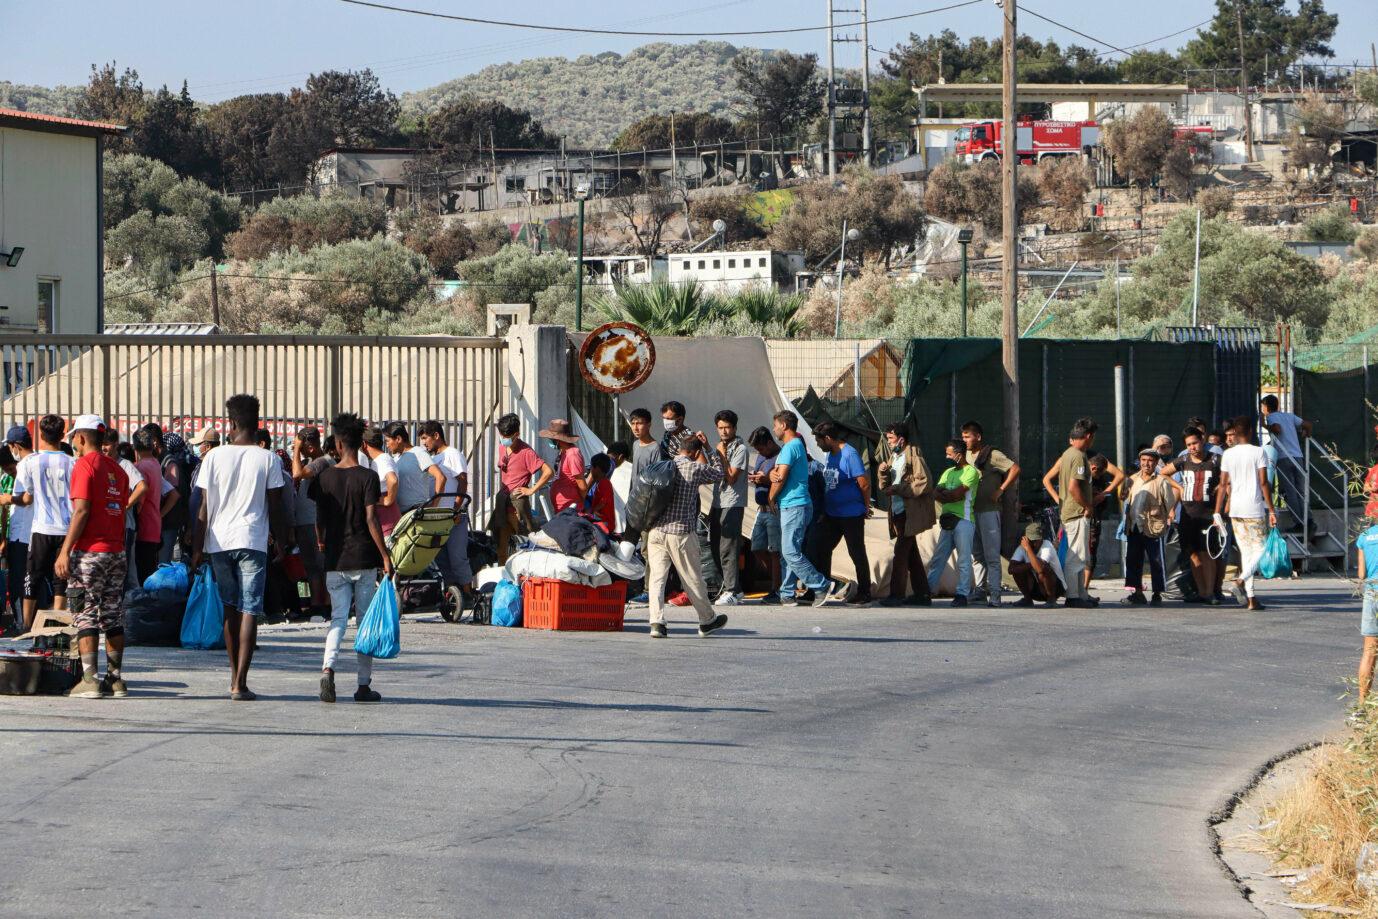 Asylsuchende auf Moria: Die Migrationskrise war niemals weg